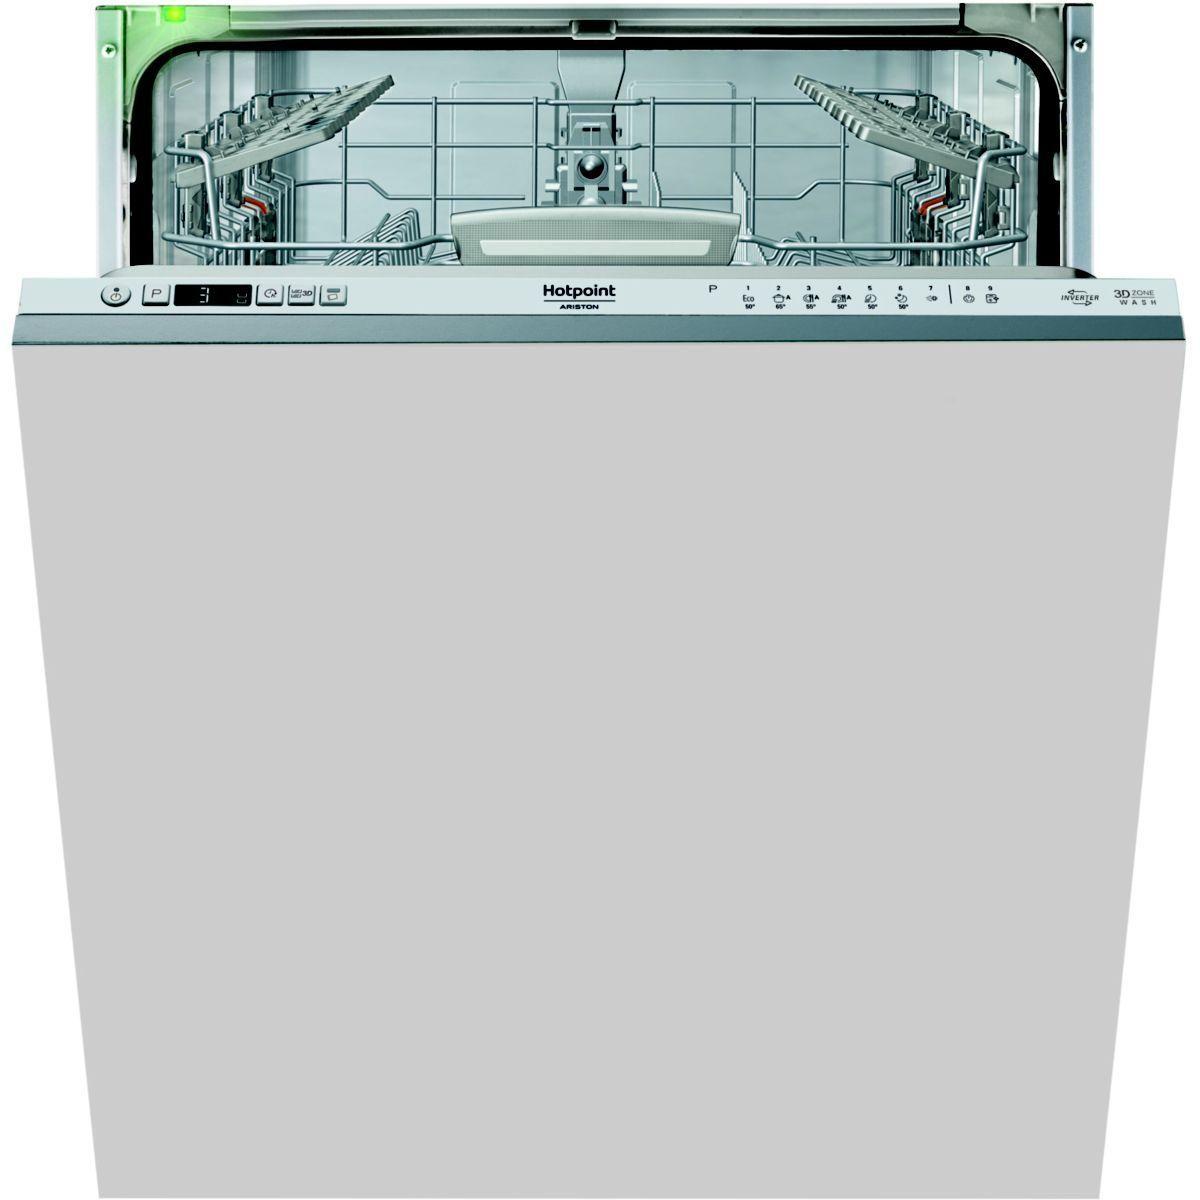 Mini Lave Vaisselle Encastrable 6 Couverts Lave Vaisselle Encastrable 60 Cm Siemens Sn55m248 Lave Vaisselle Encastrable Lave Vaisselle Lave Vaisselle Siemens